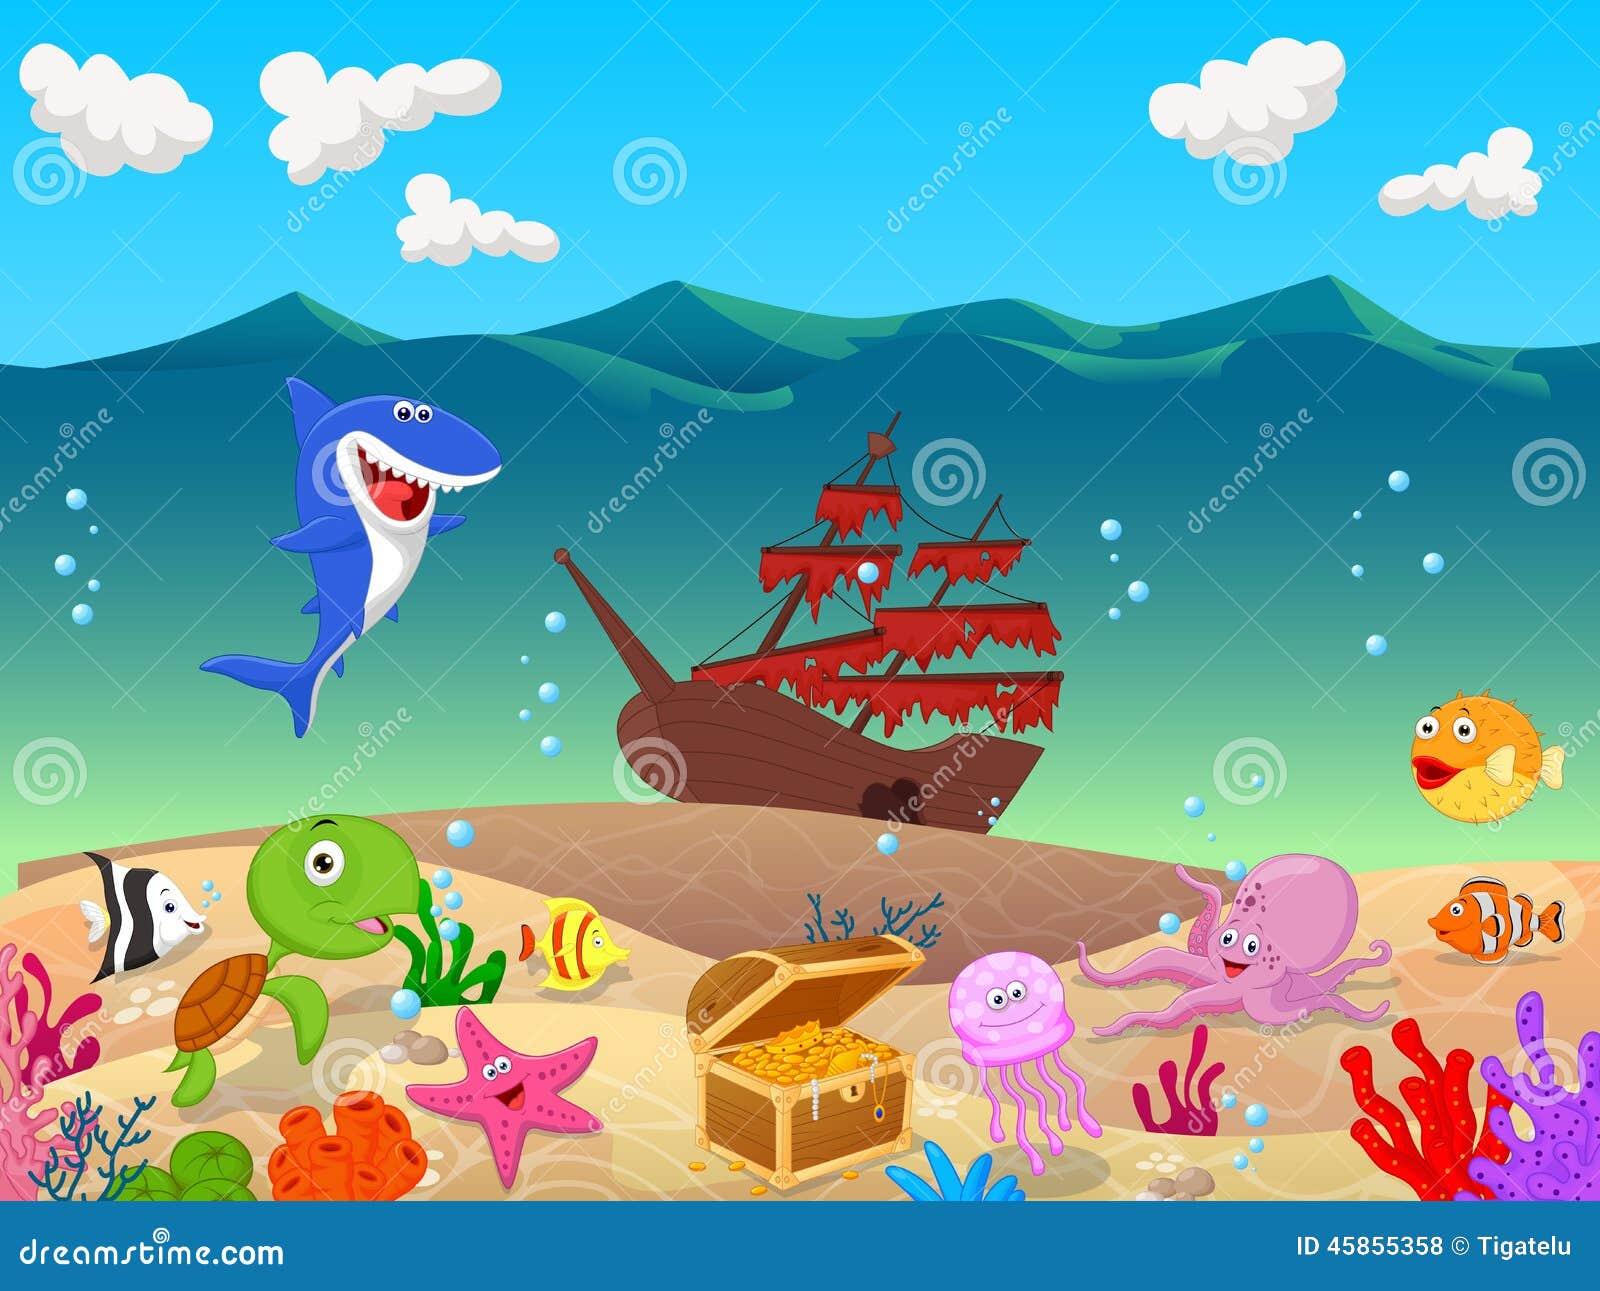 Cartoon underwater background with old ship stock vector image 45855358 - Fotos fondo del mar ...